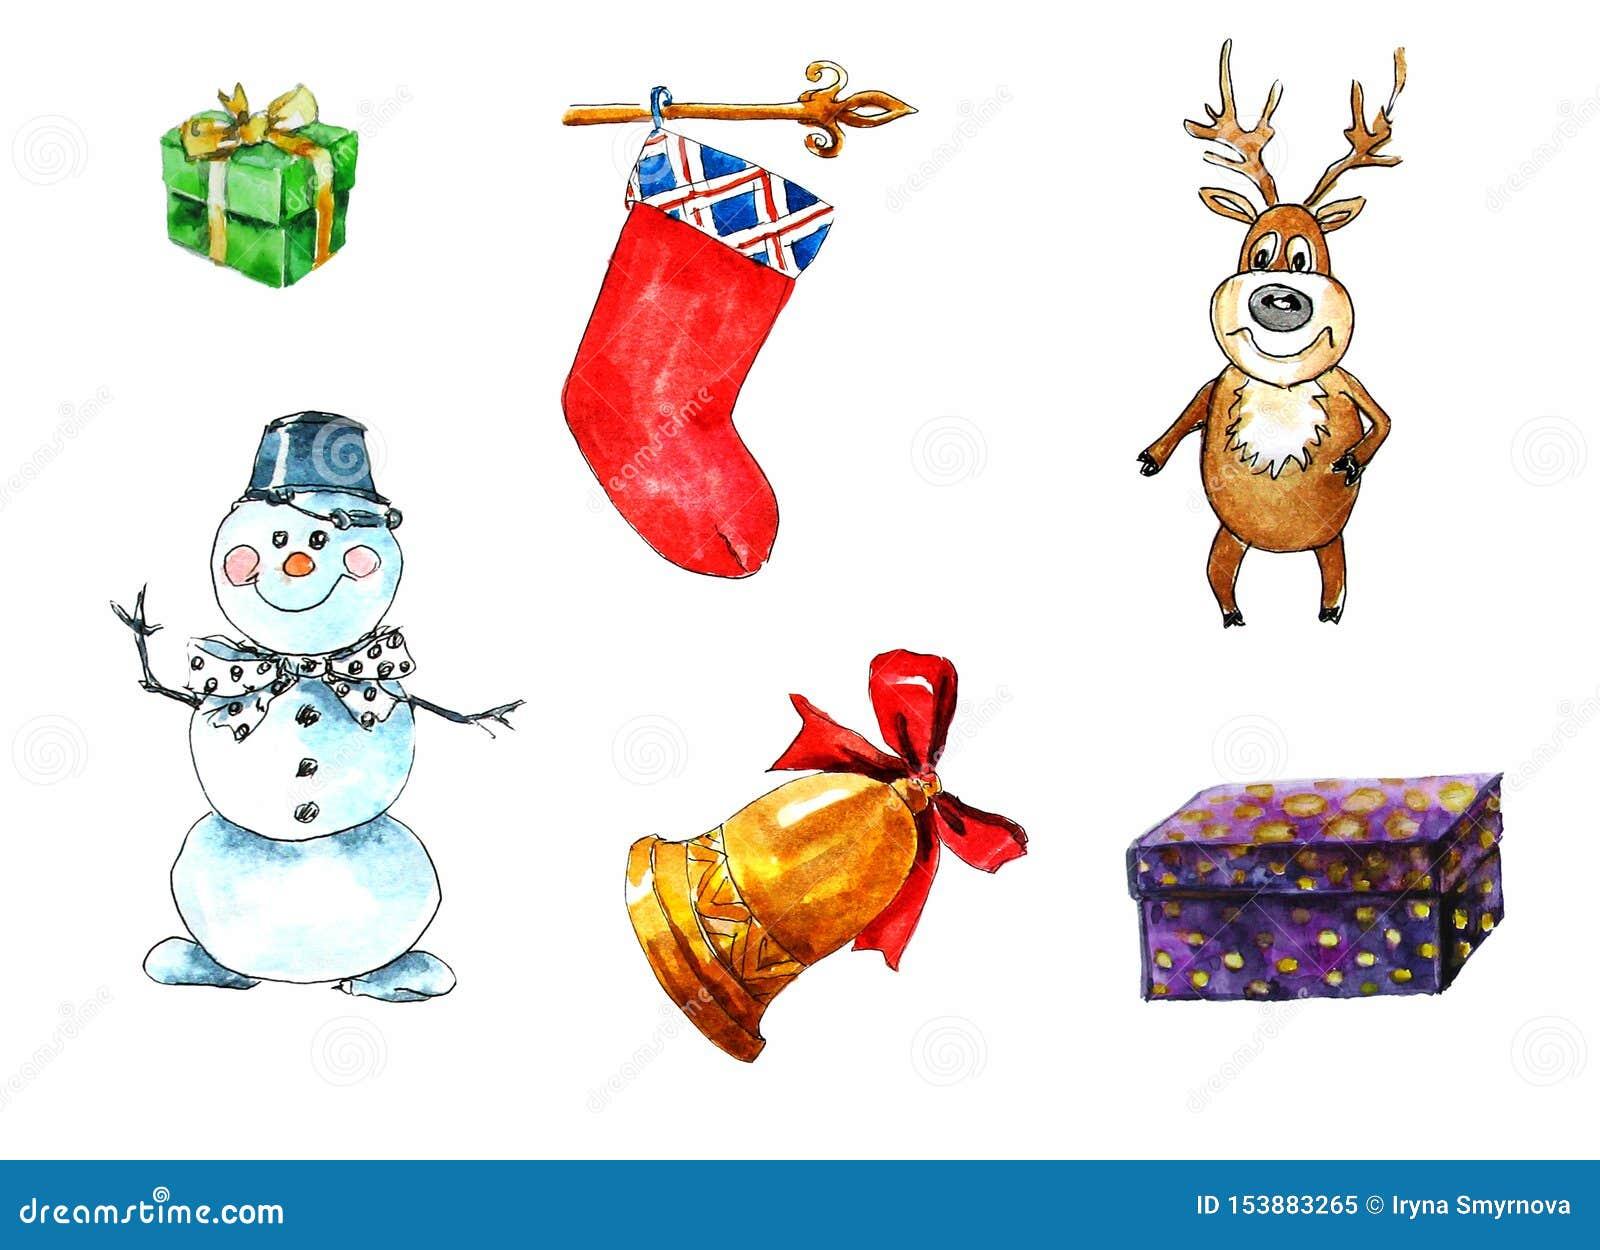 Stellen Sie von lokalisierten Elementen auf dem Weihnachtsmotiv ein Geschenkbox, Schneemann, Rotwild, Weihnachtssocke, Glocke Aqu